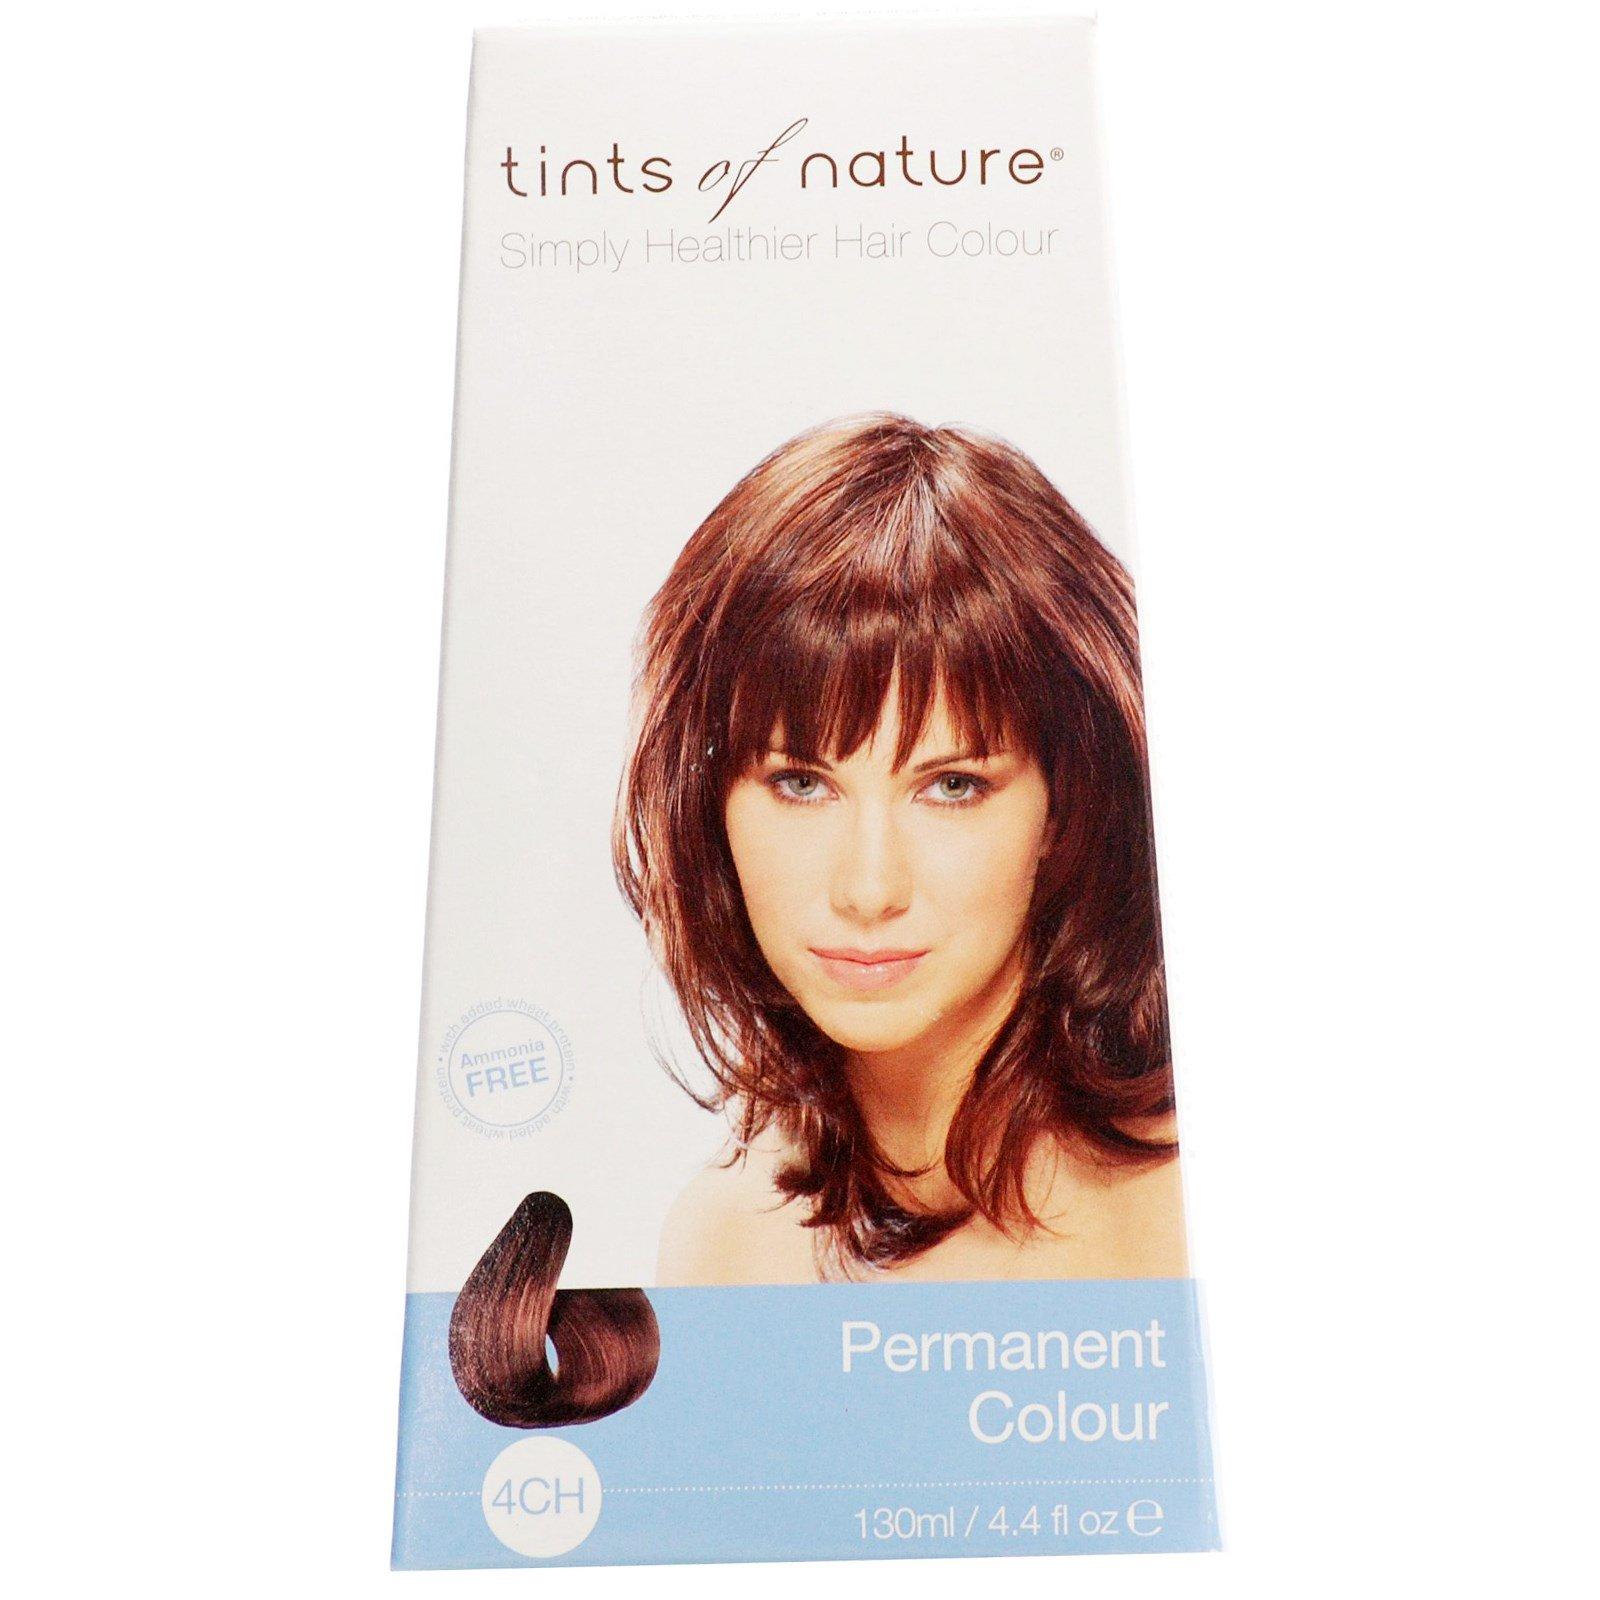 Tints of Nature, Устойчивая краска, глубокий шоколадно-коричневый оттенок, 4CH, 4.4 жидких унции (130 мл)